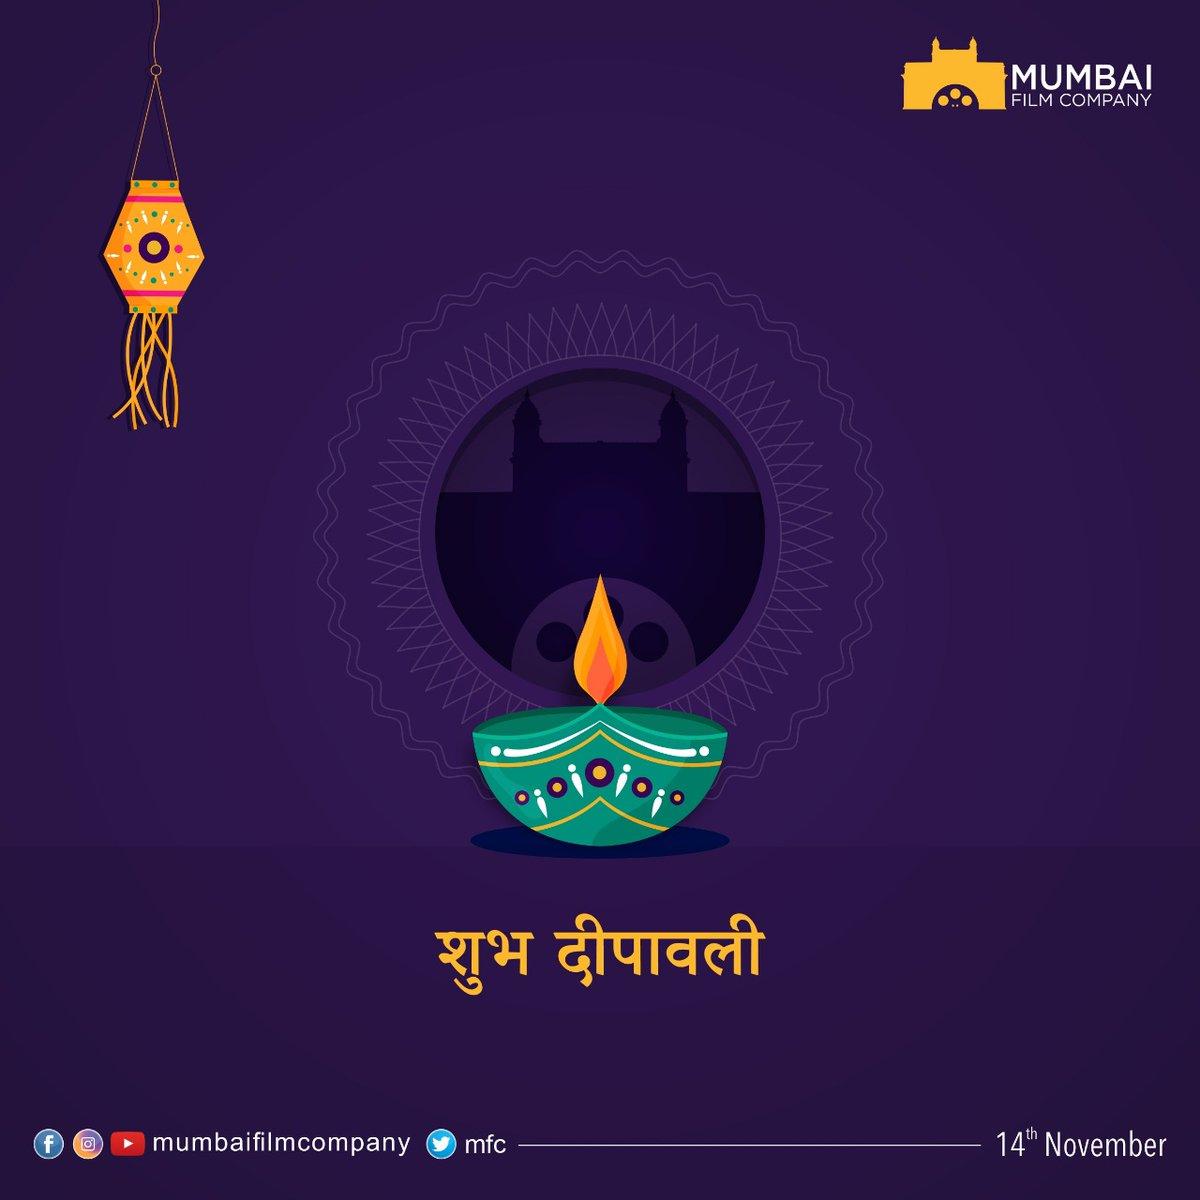 ही दिपावली आनंदाची, हर्षाची, सौख्याची, समाधानाची ! आपणां सर्वांना ही दिपावली आणि नूतन वर्ष सुख समृध्दीचे, संकल्पपूर्तीचे आणि आरोग्य संपन्नतेचं जावो! दिवाळीच्या हार्दिक शुभेच्छा. . . . #MFC #Diwali2020